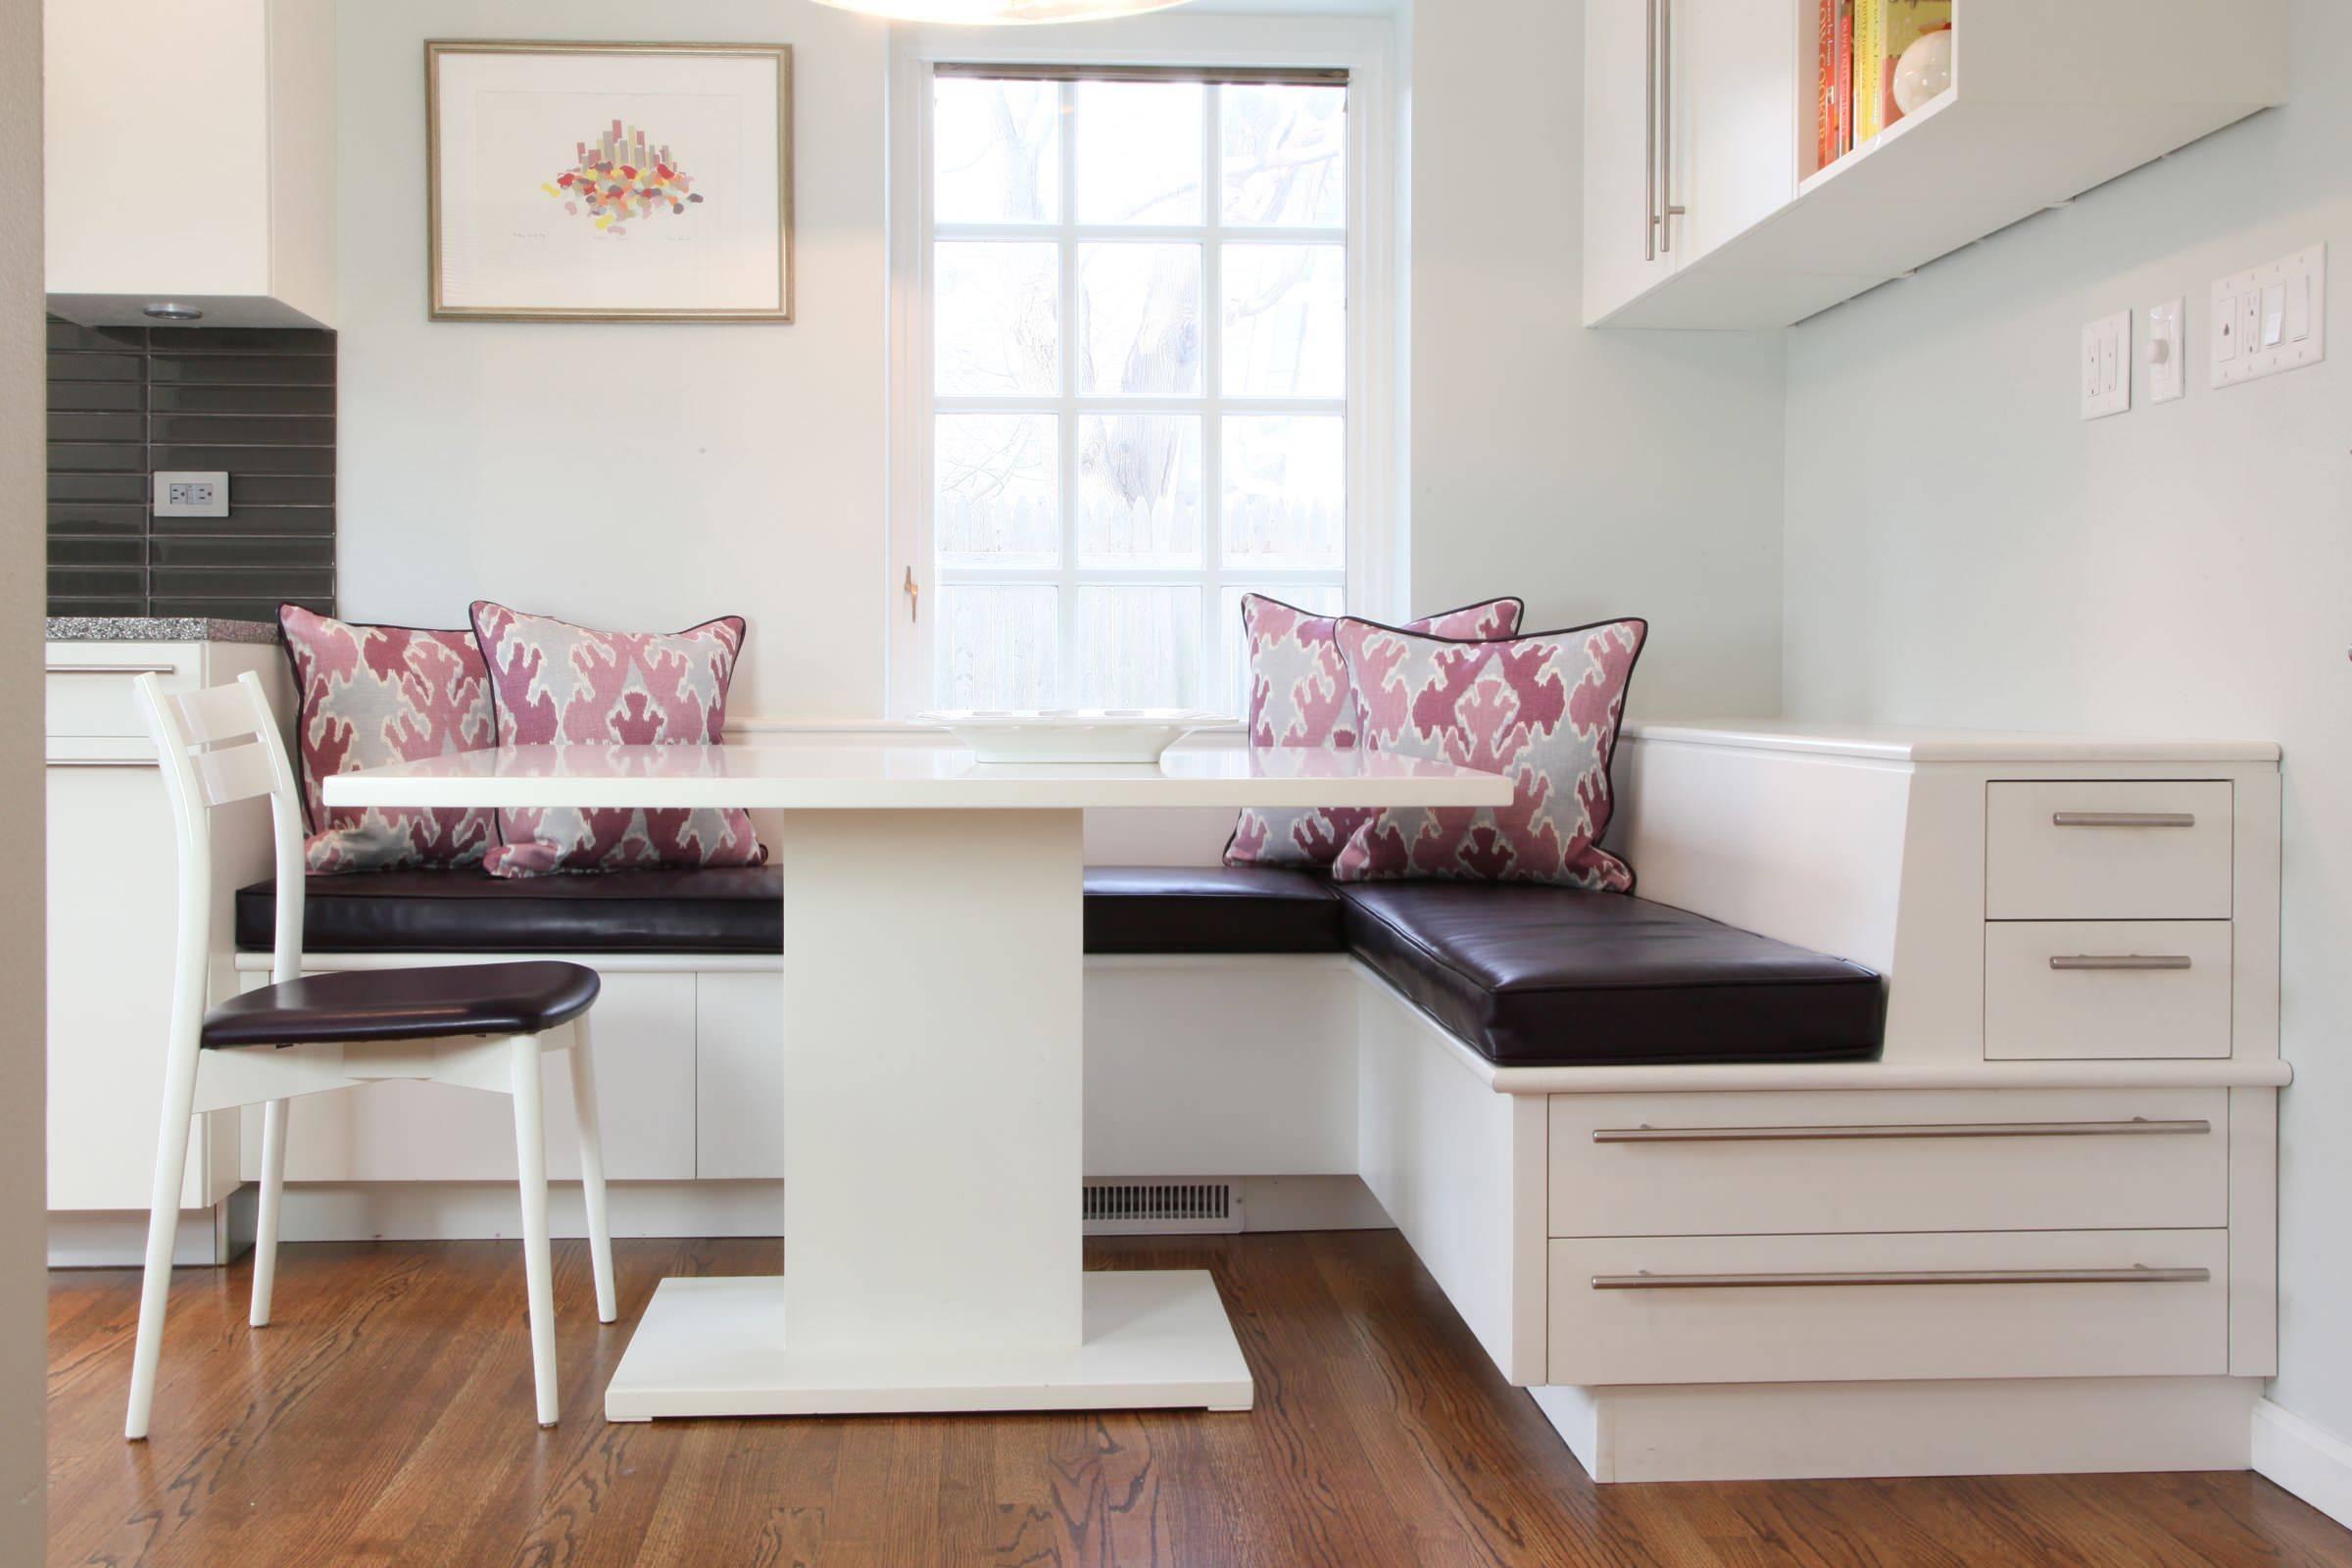 Кухонный уголок для маленькой кухни (46 фото): размеры мини-групп, выбор небольших мягких узких и других уголков